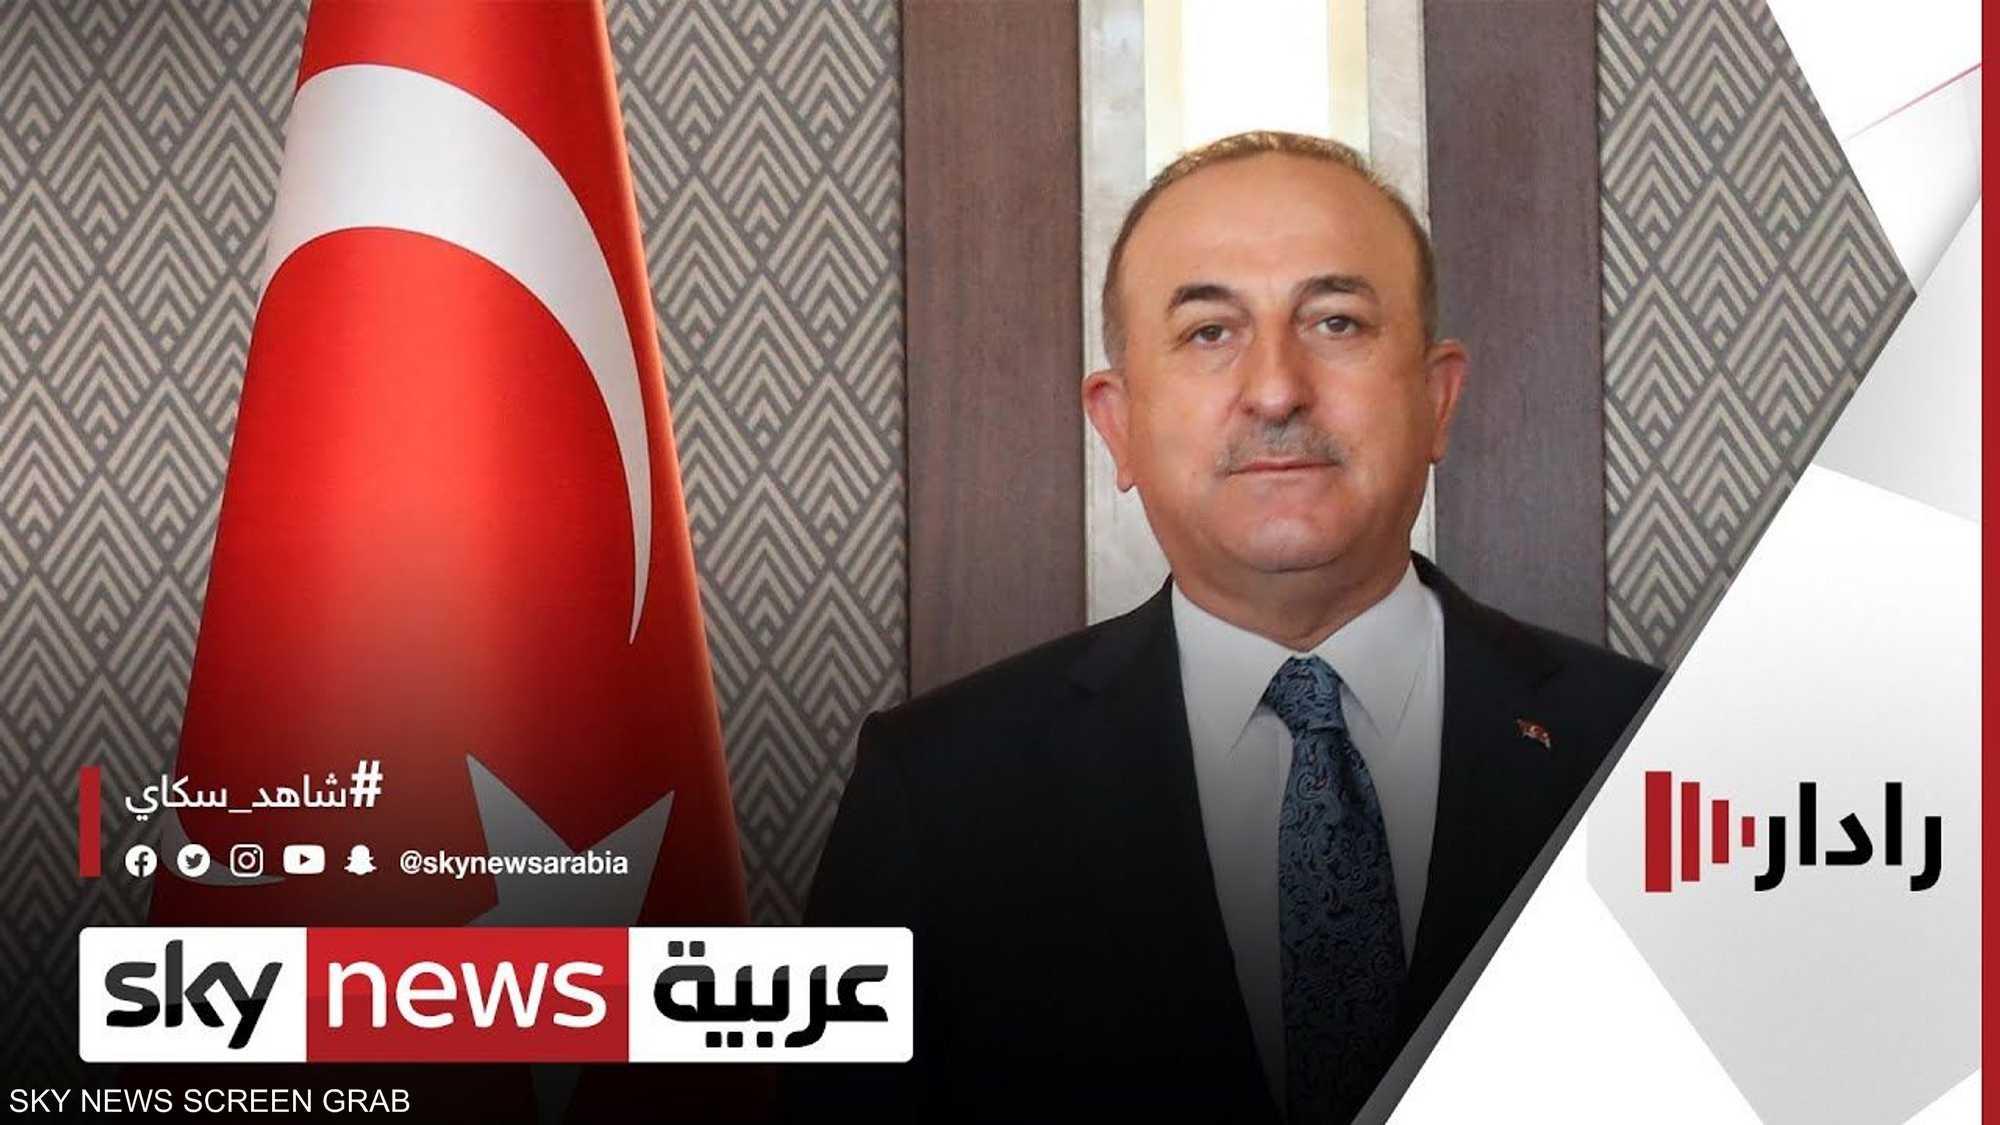 تركيا: هناك مسؤولية روسية أميركية في الهجمات الكردية